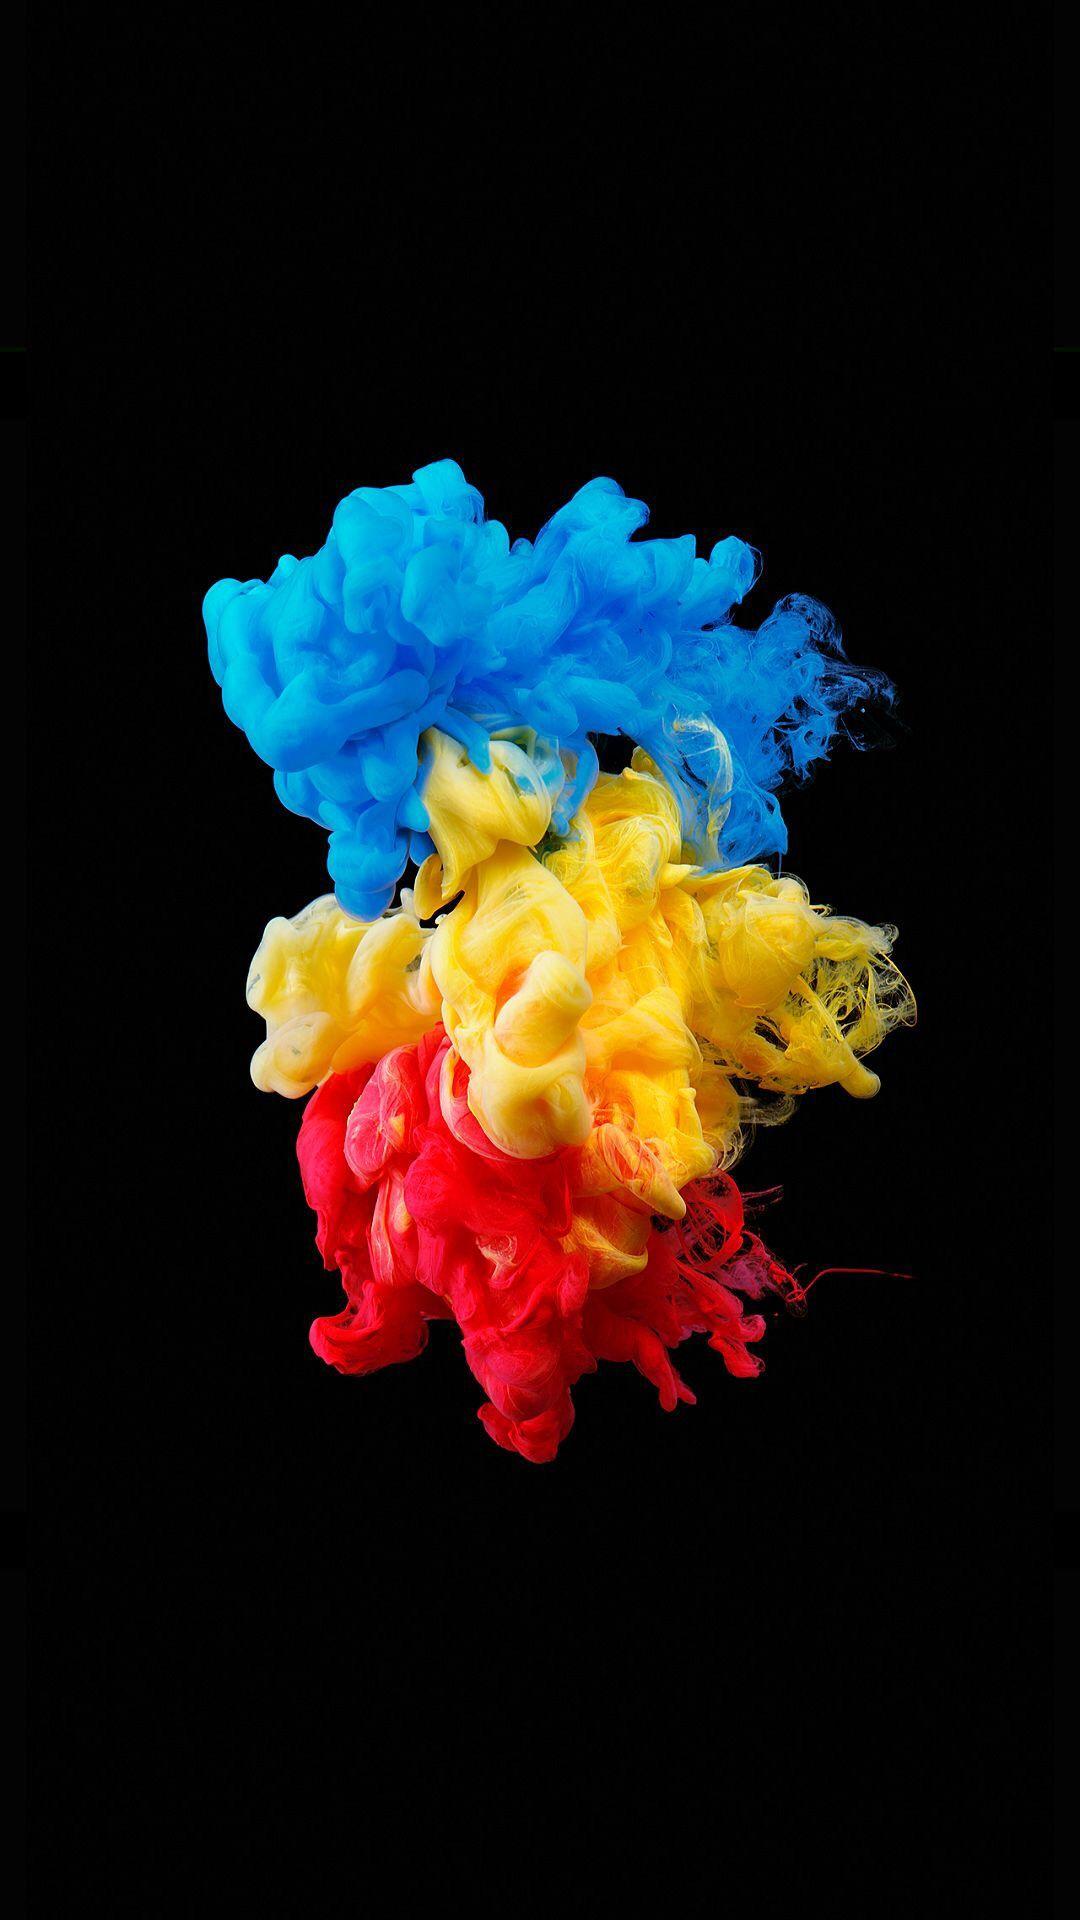 Pin by Hailee Halaburda on Technology Colourful